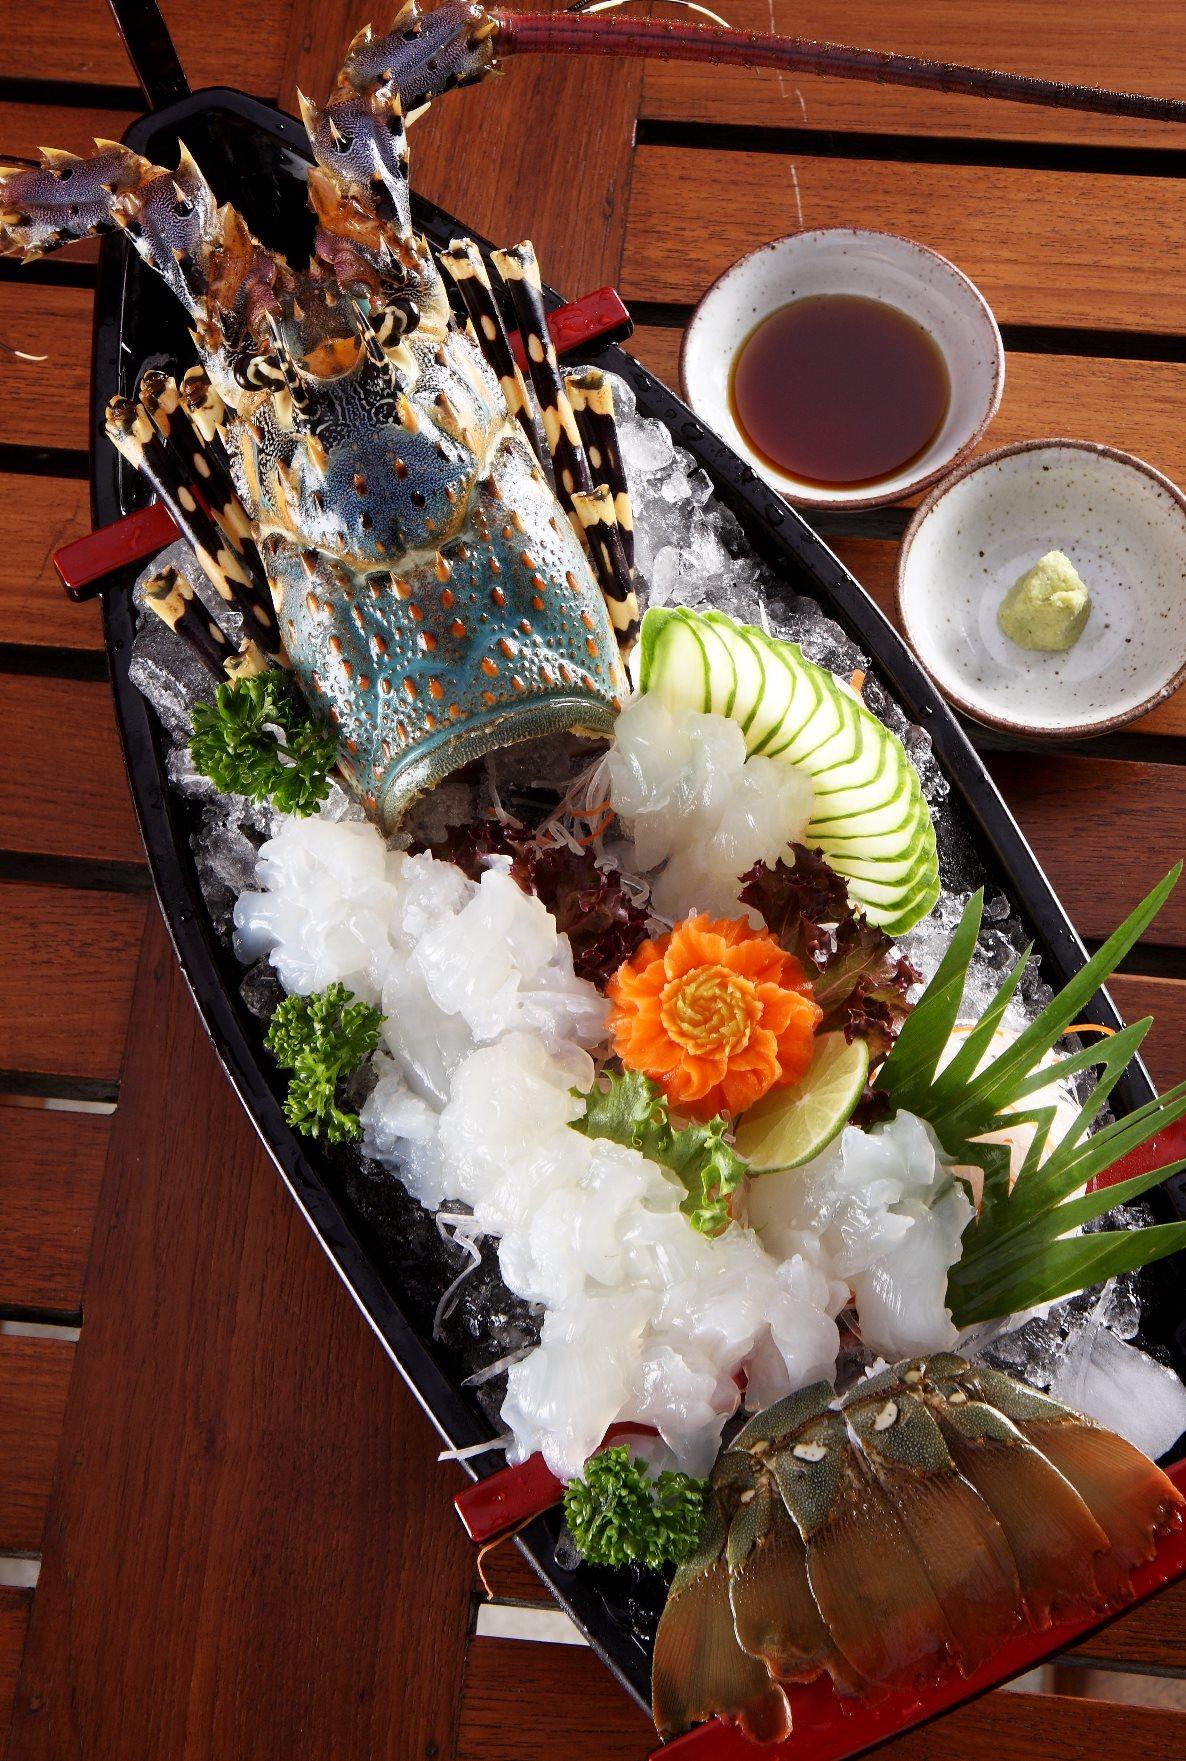 Food_25-06-2008_003